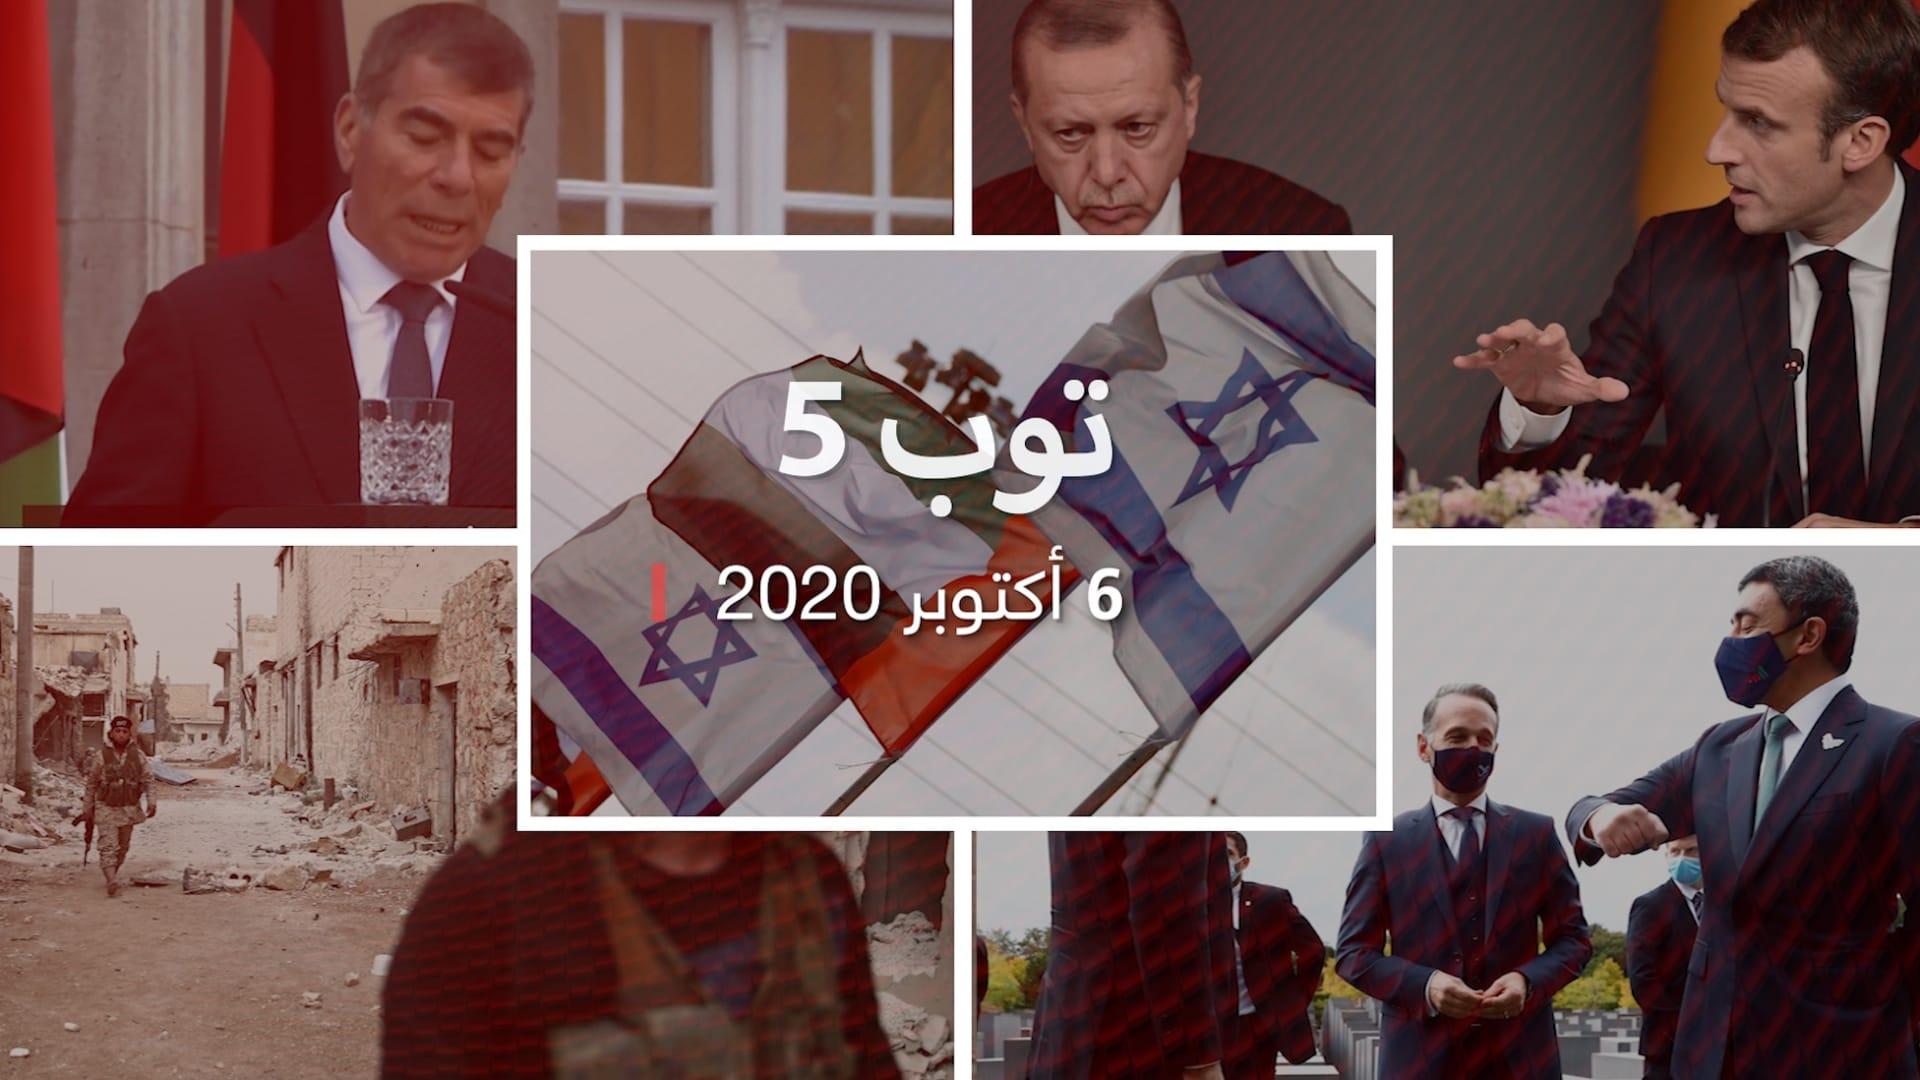 """توب 5.. لقاء """" تاريخي"""" في برلين.. ووزير خارجية الإمارات يزور نصب الهولوكوست"""